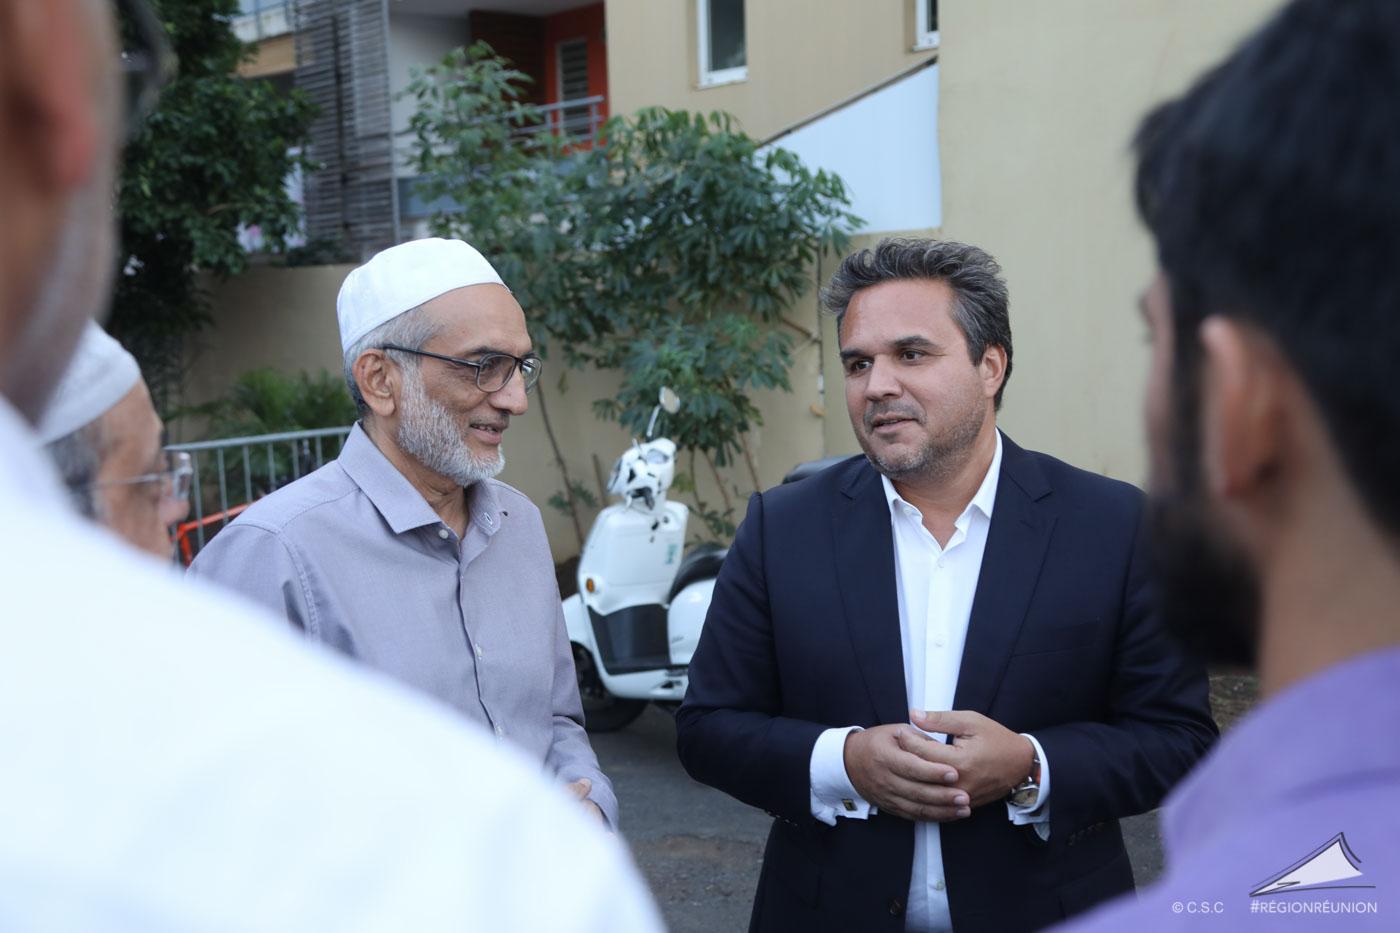 Le Président de Région Didier ROBERT a rencontré le Président de la Mosquée Mr Iqbal INGAR